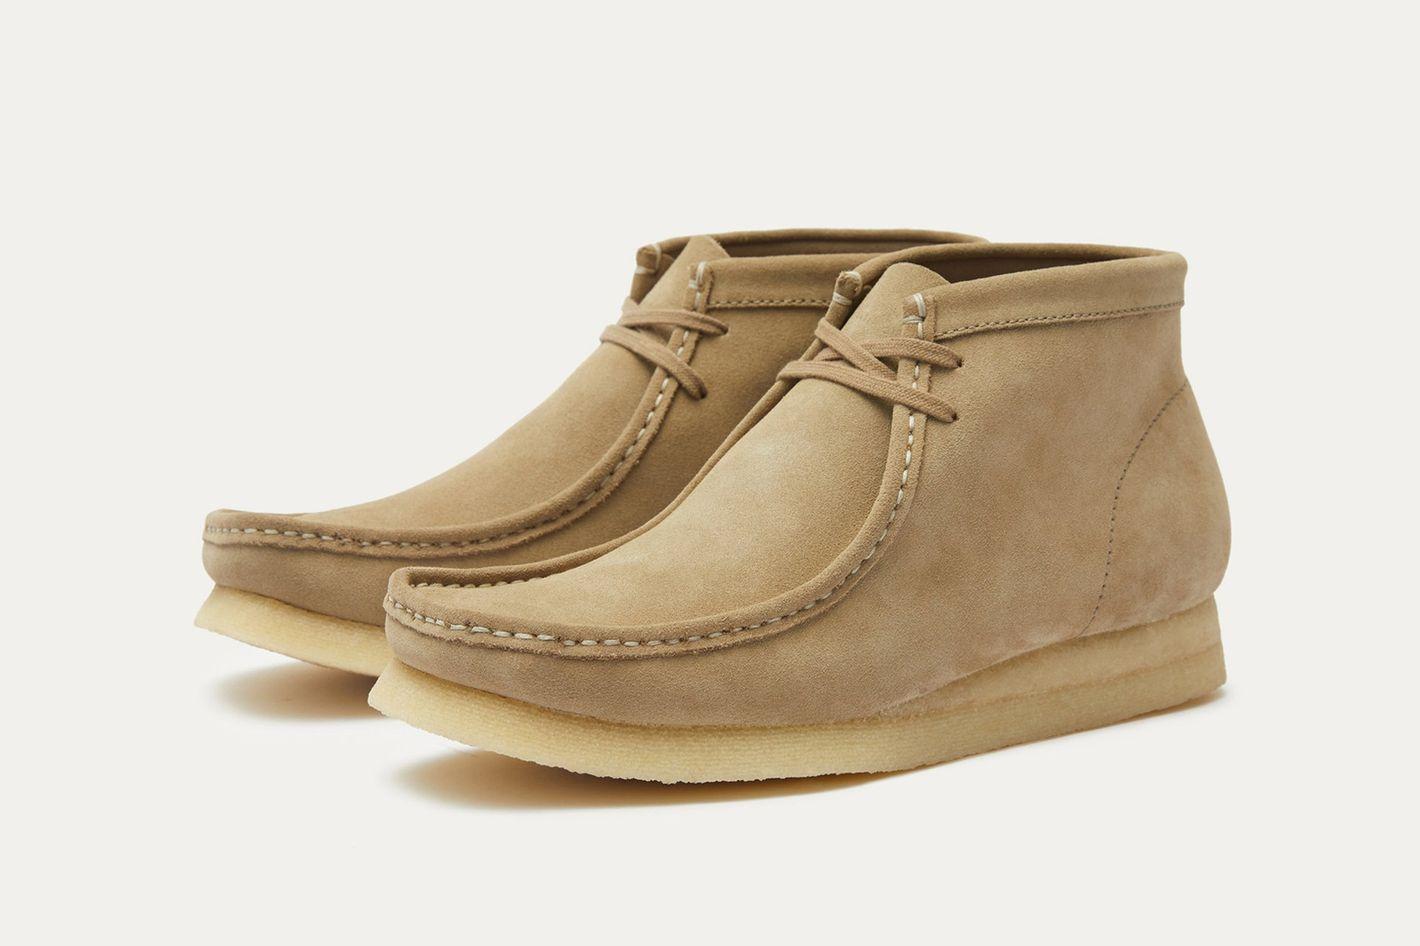 New Republic Liam Suede Boot